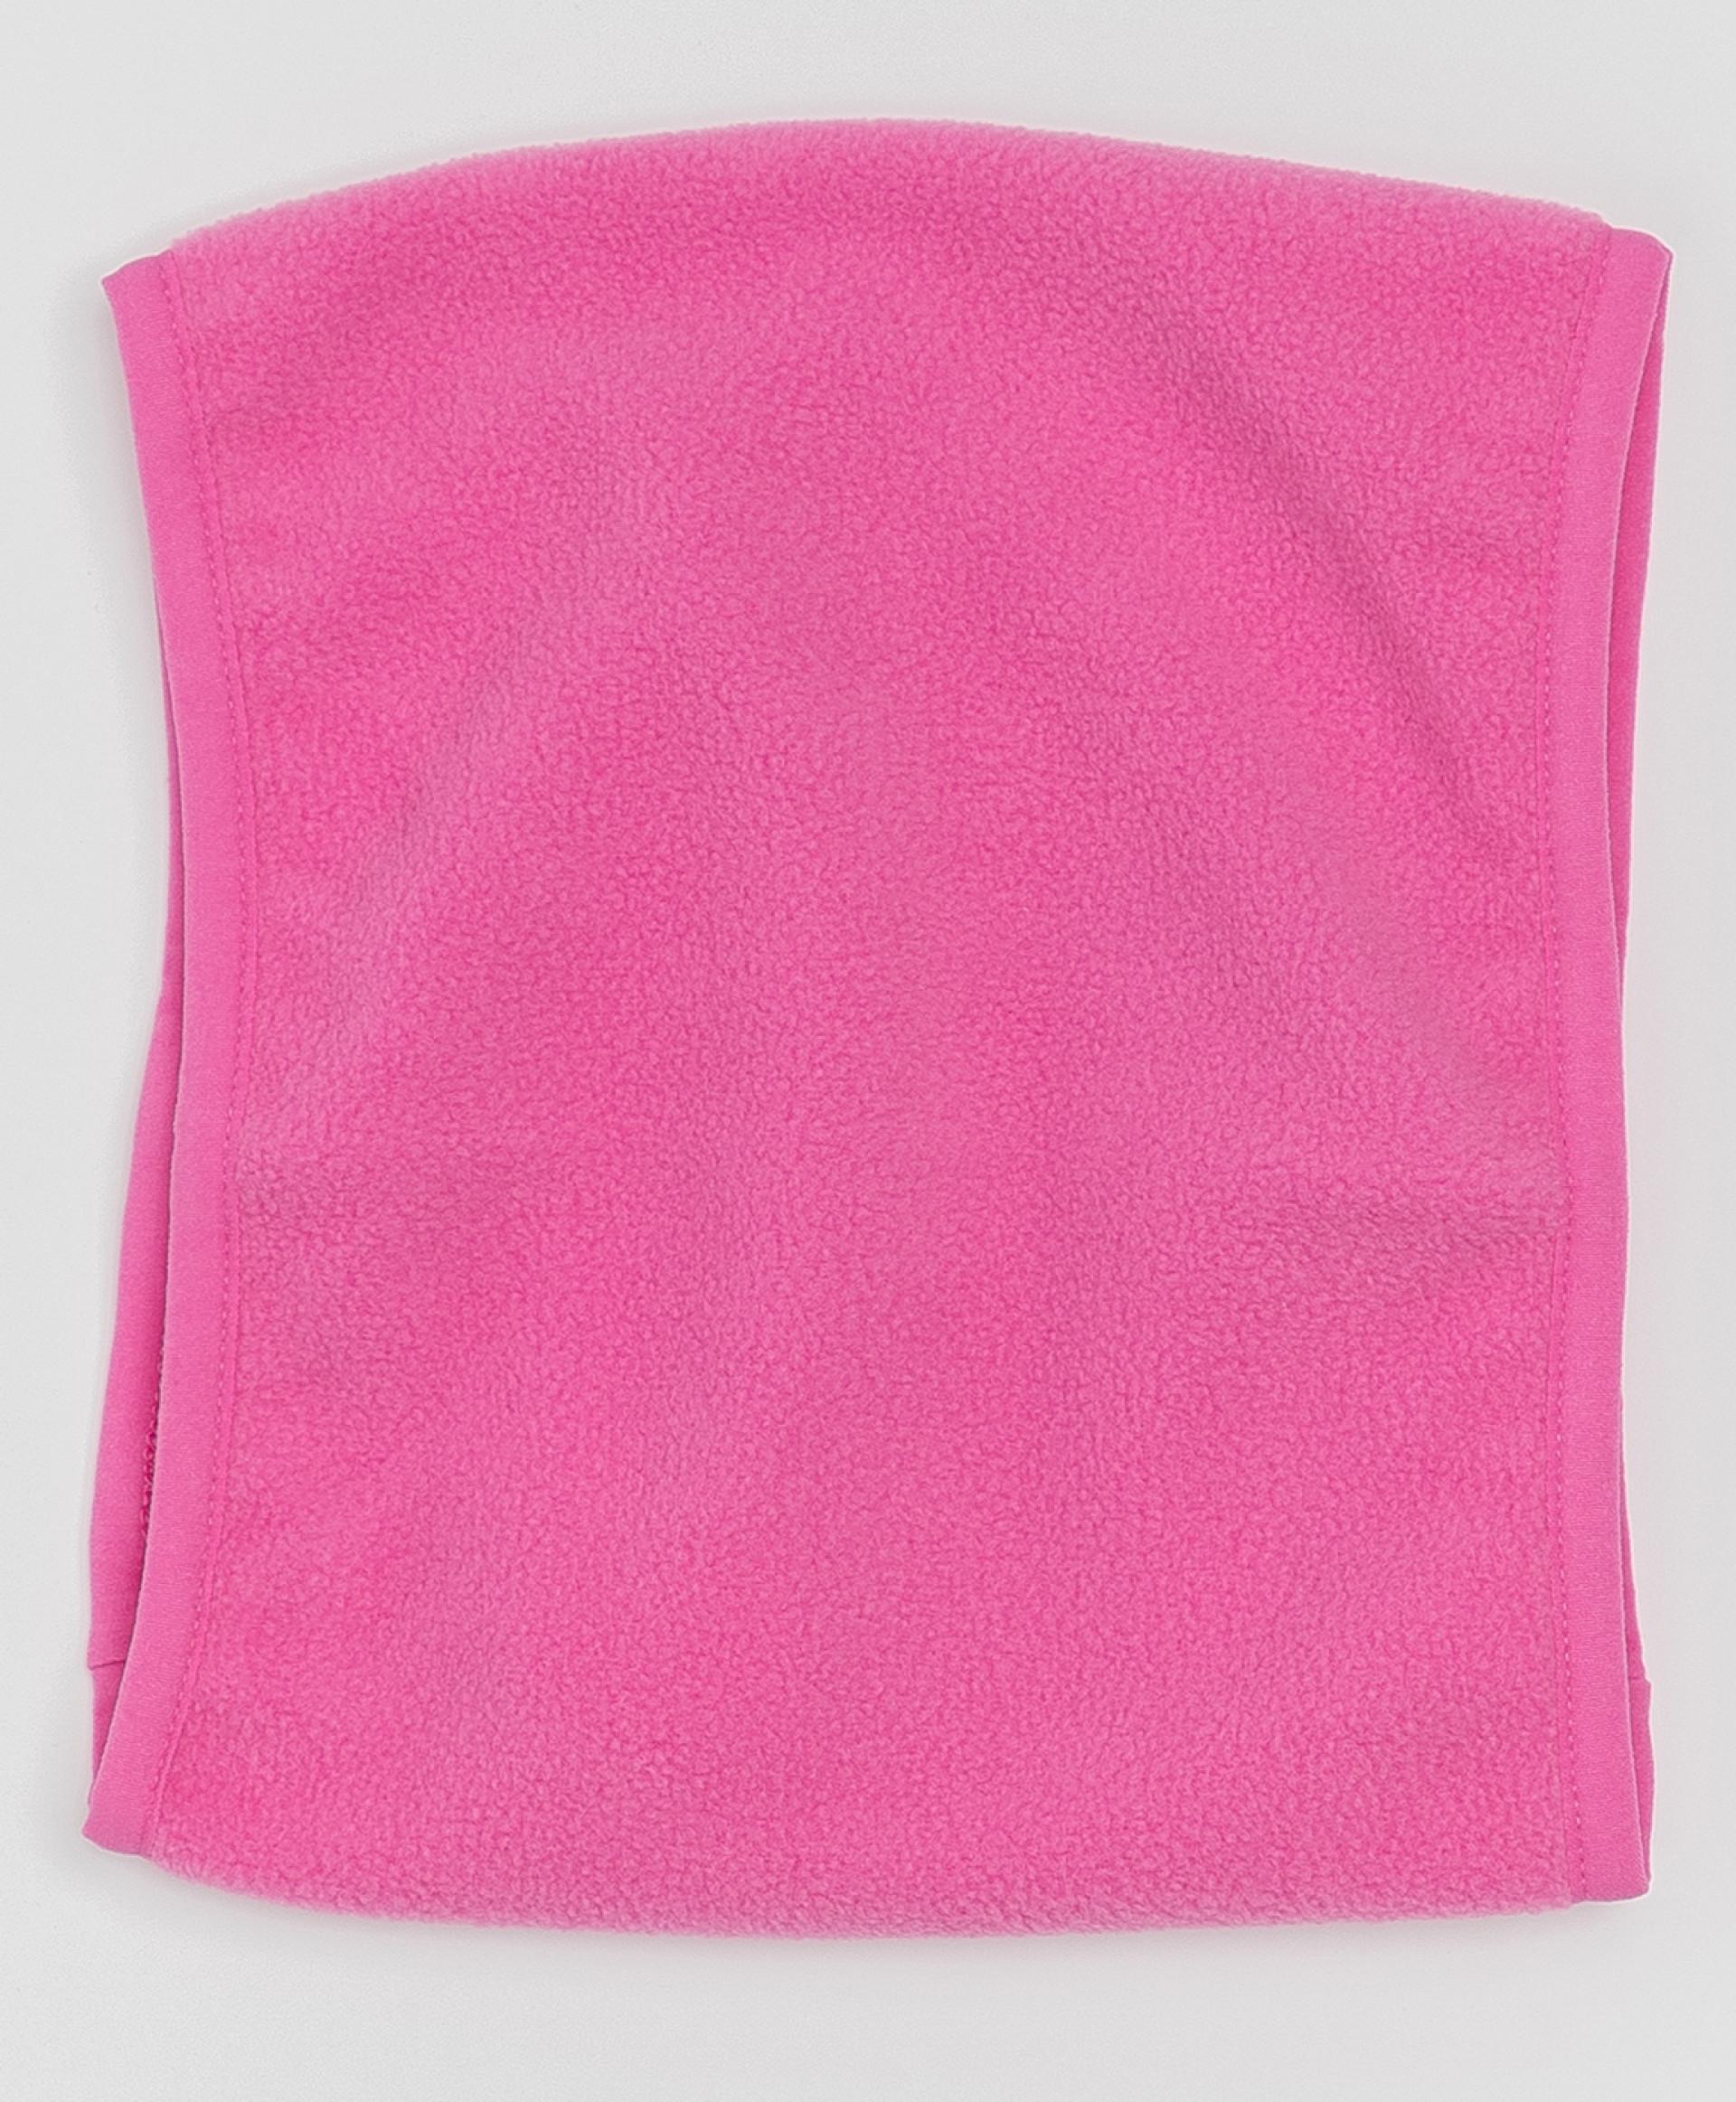 Розовый флисовый воротник Button Blue, размер 20*25cm, 220BBGA75011200